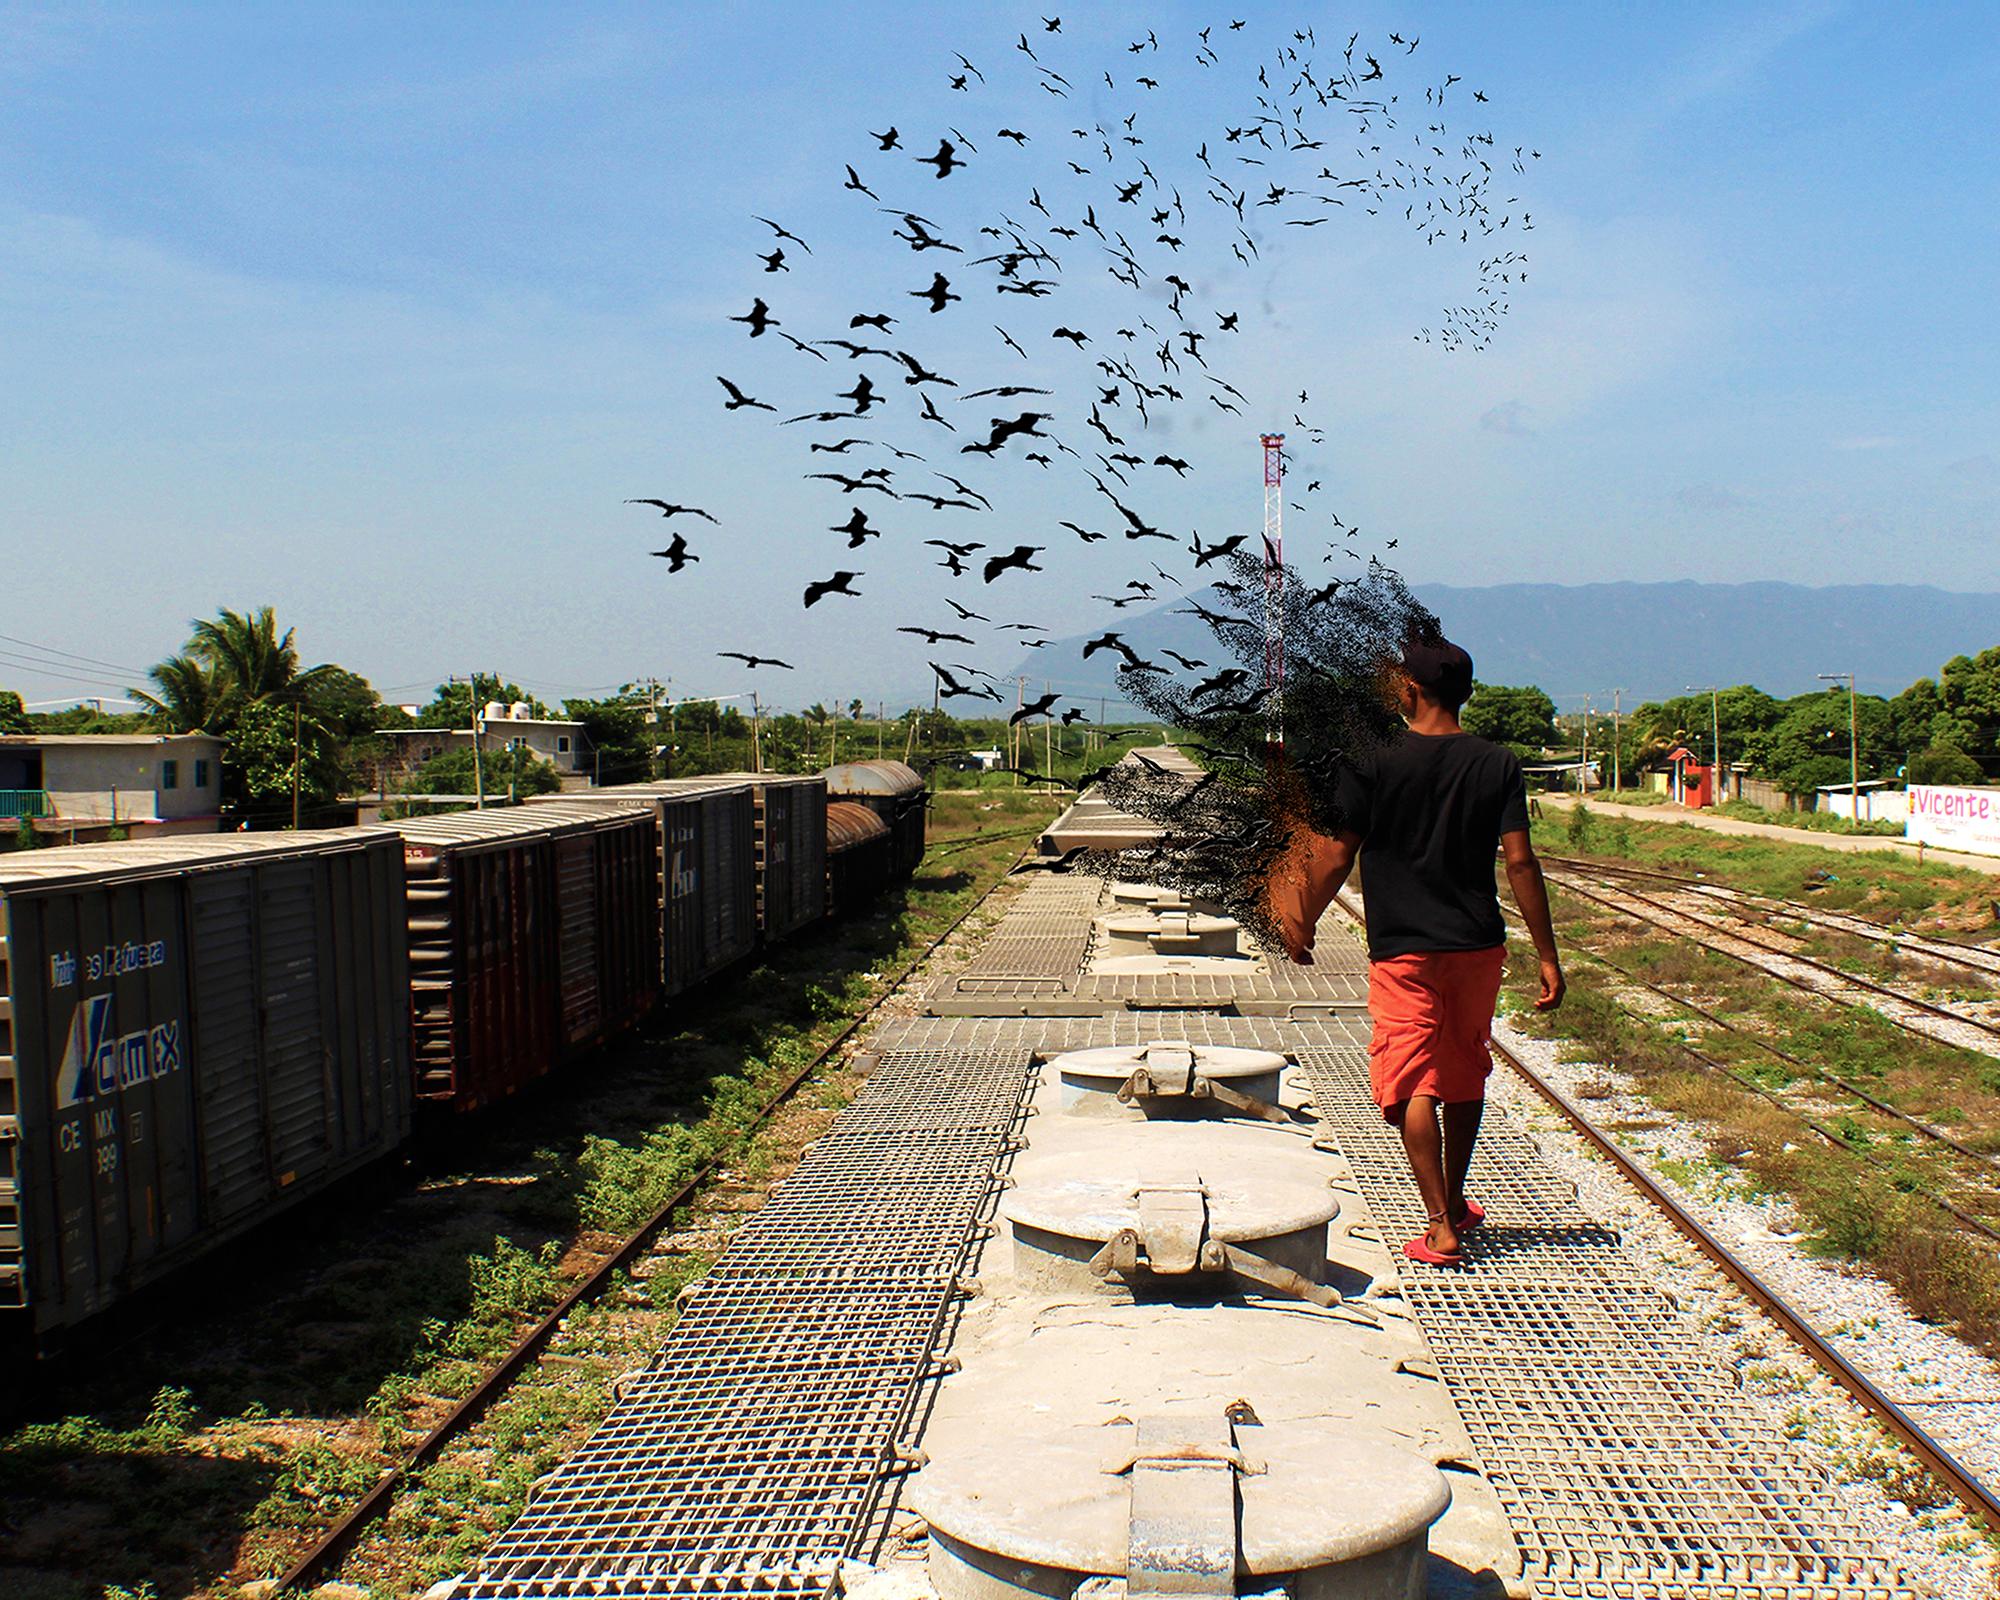 migrar es ser libre